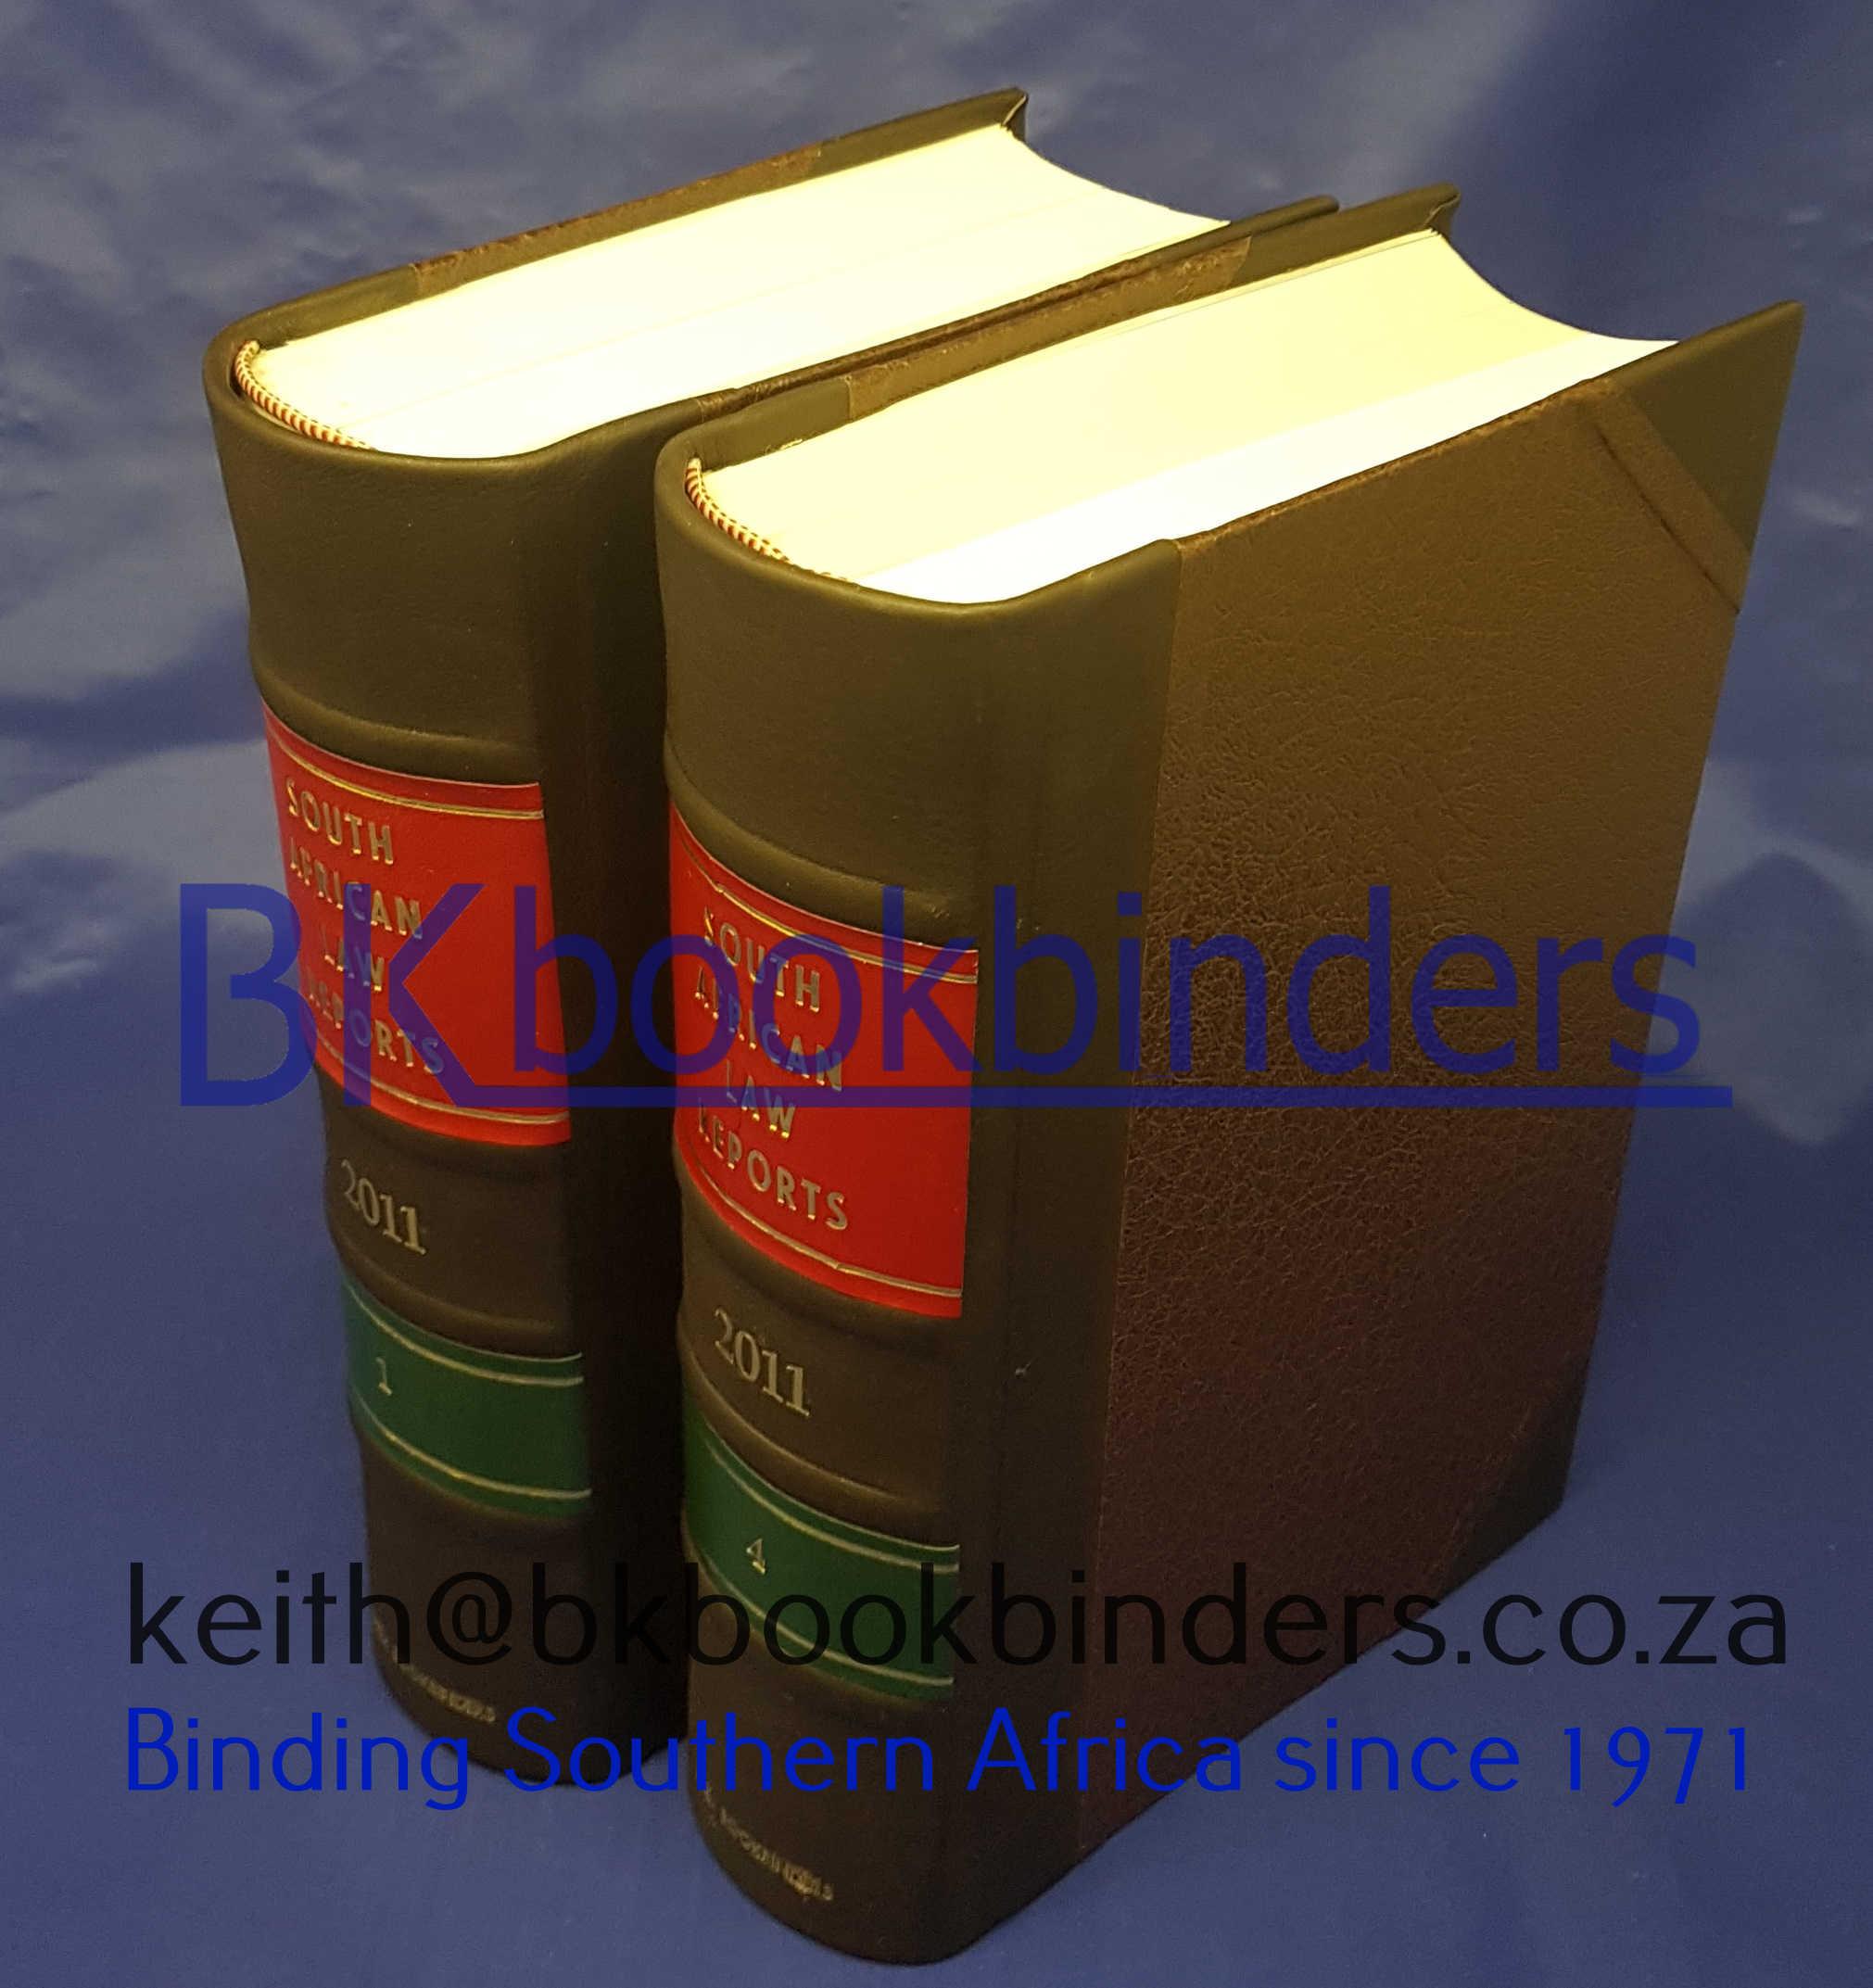 BK Bookbinders